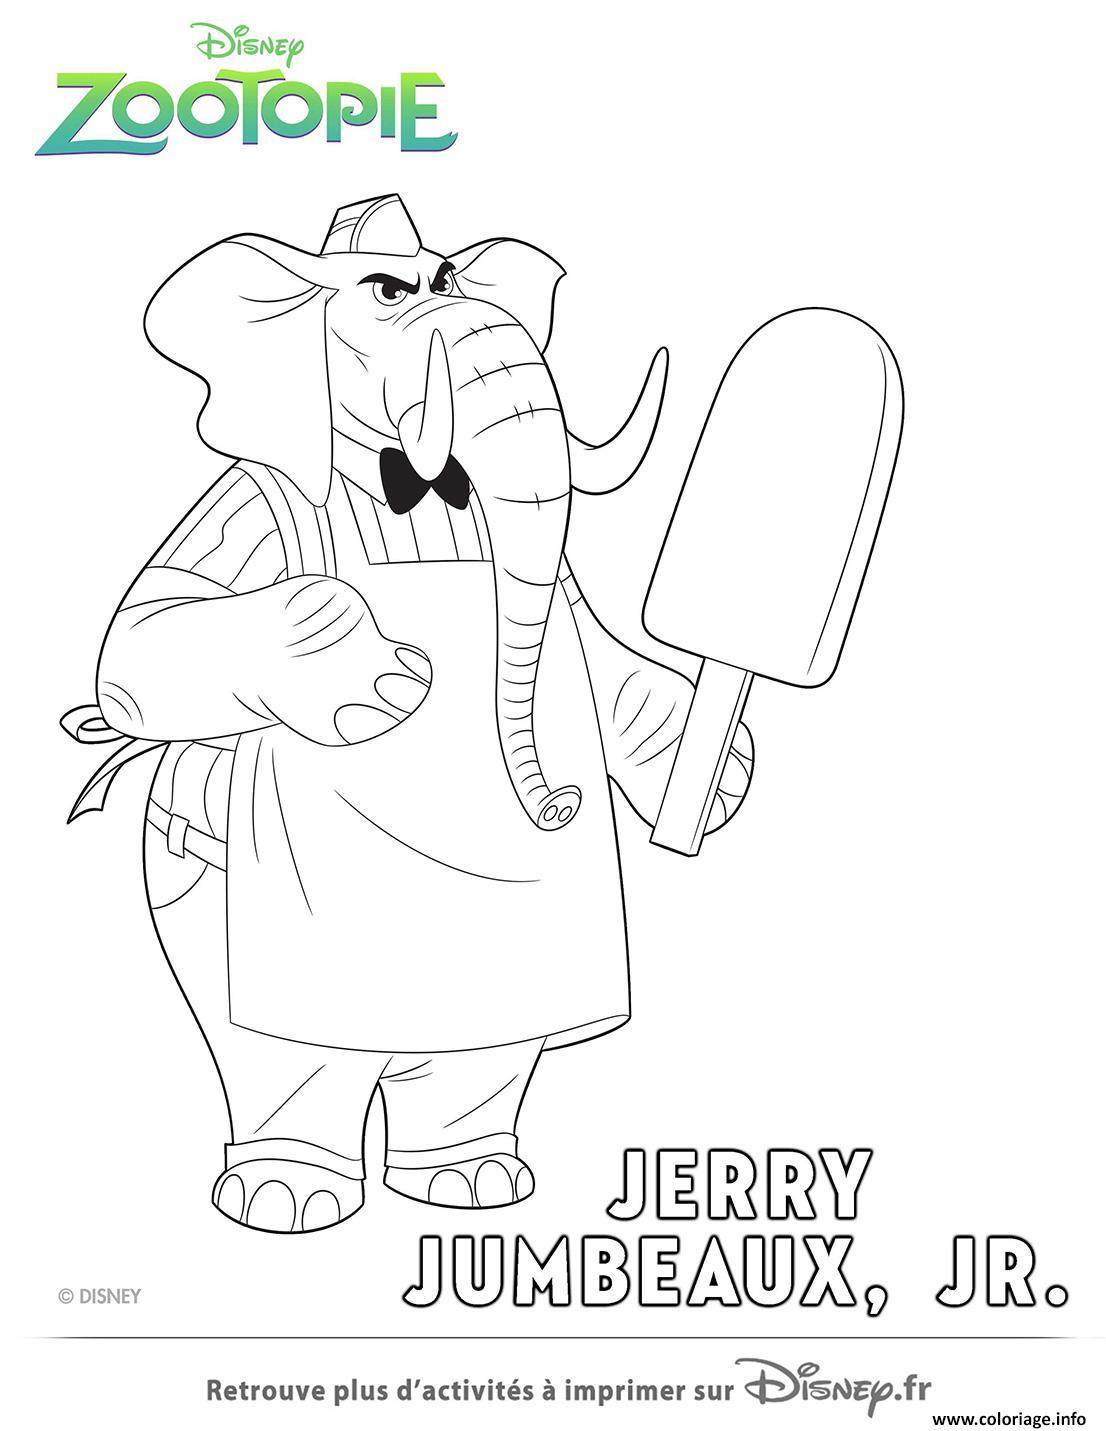 Dessin jerry le vendeur de glace de zootopie Coloriage Gratuit à Imprimer